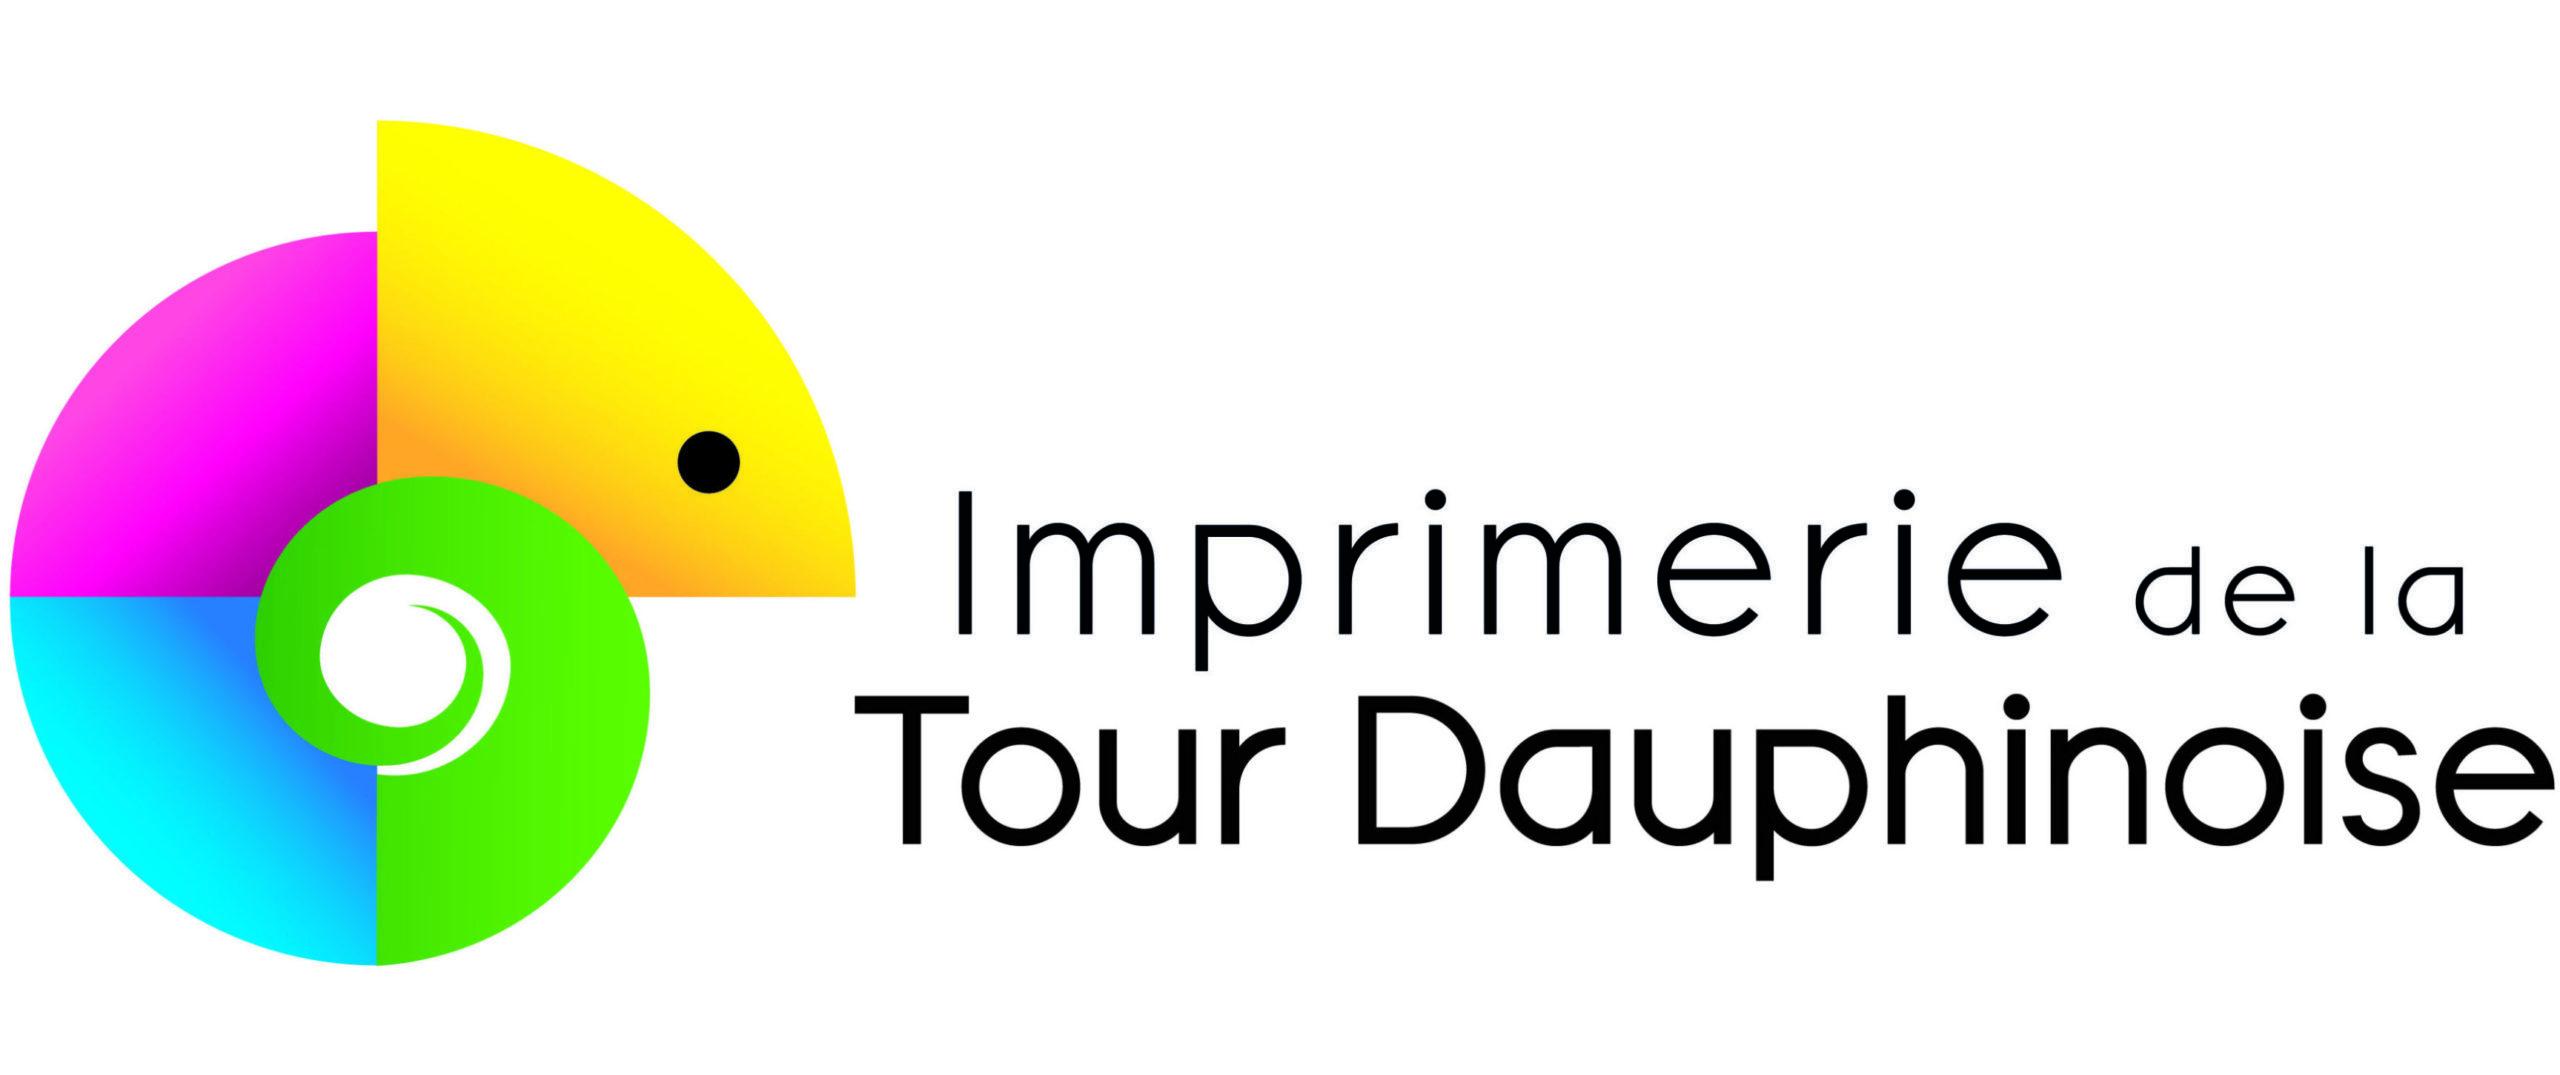 Imprimerie de la Tour Dauphinoise à Vienne